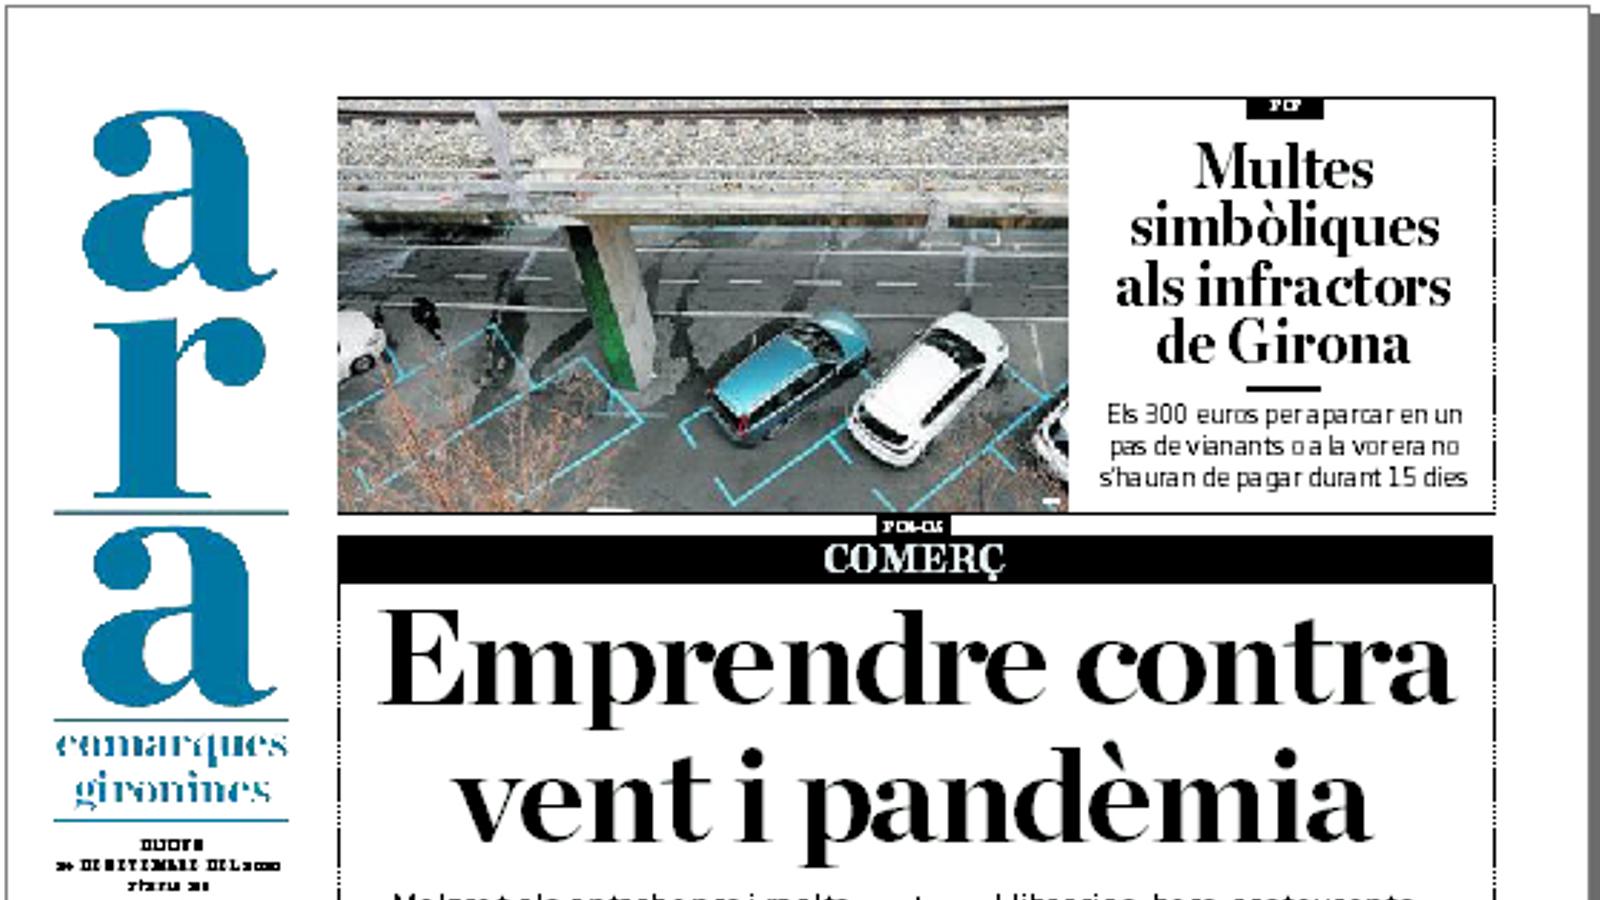 'ARA comarques gironines': Empendre contra vent i pandèmia